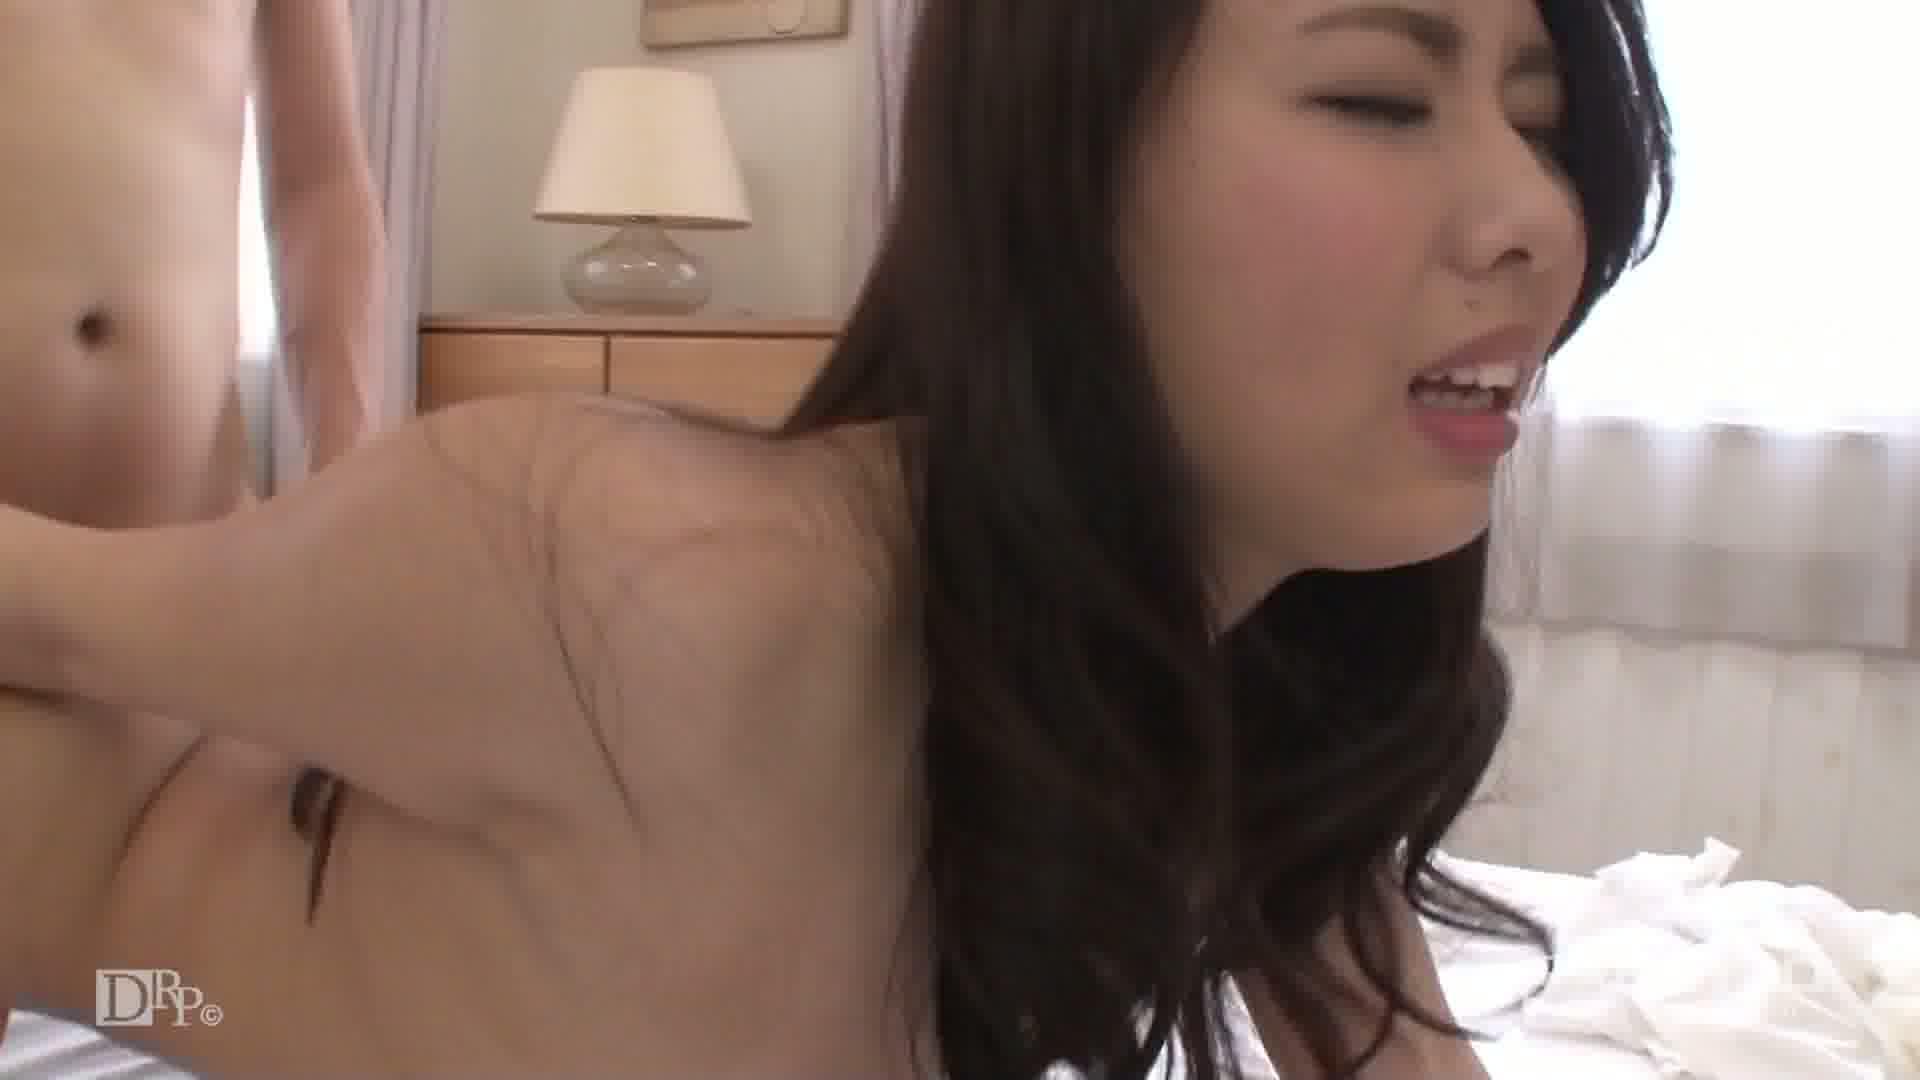 ノンストップで精子注入! - 本間明南【中出し×3】